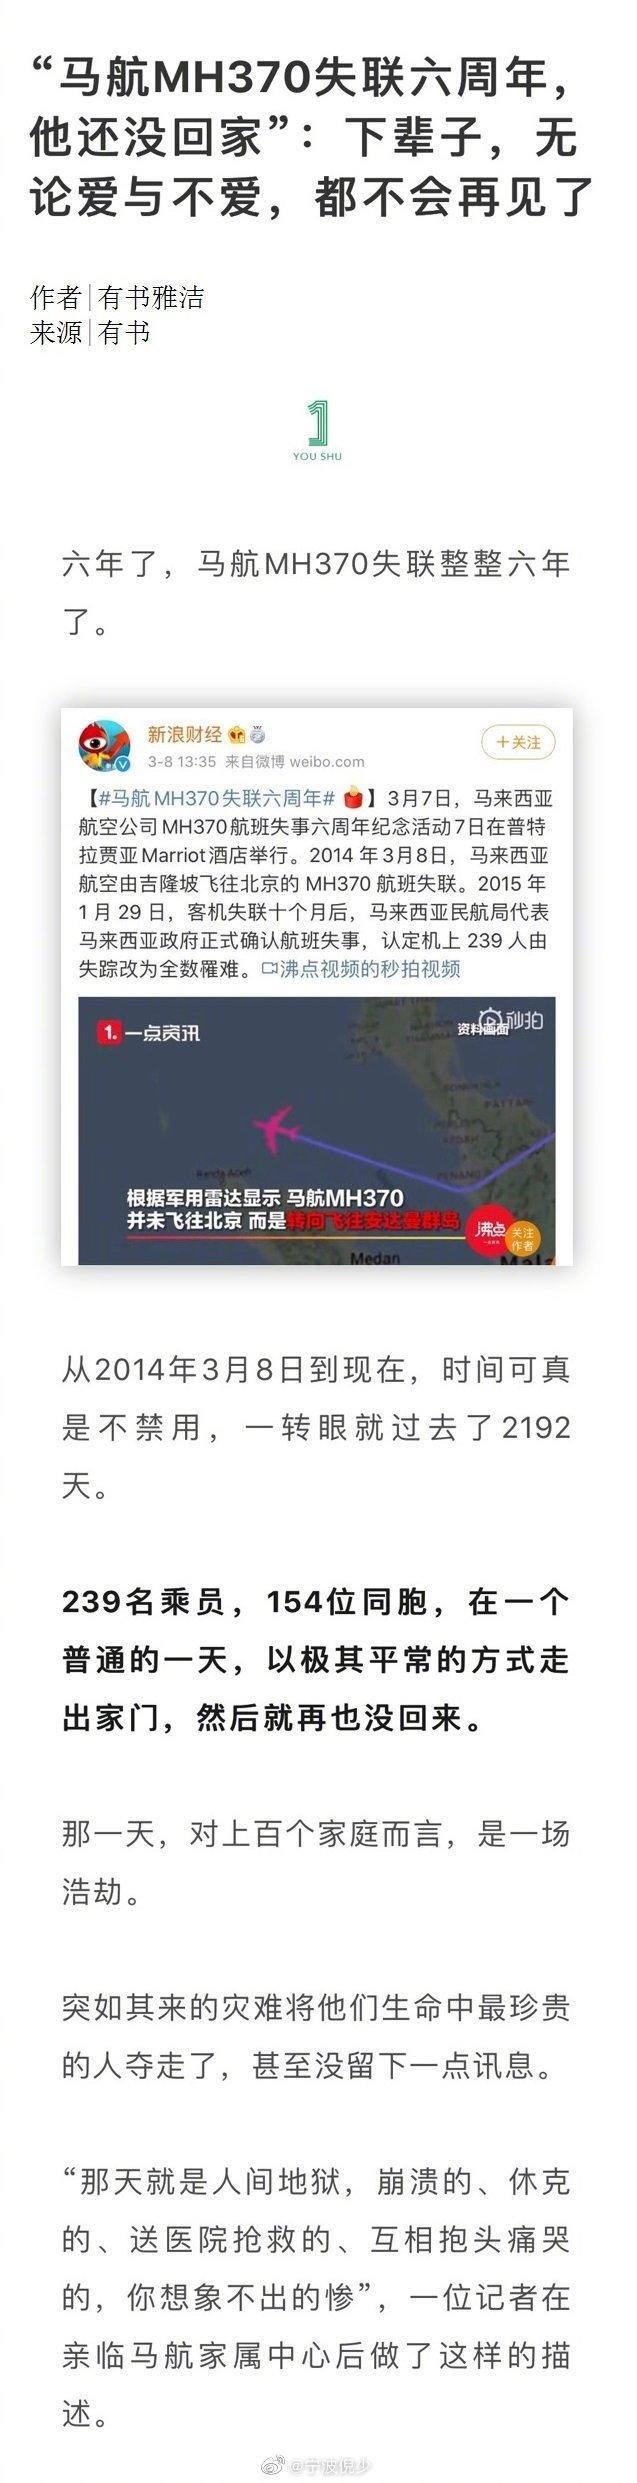 """""""马航MH370失联六周年,他还没回家"""":下辈子,无论爱与不爱"""